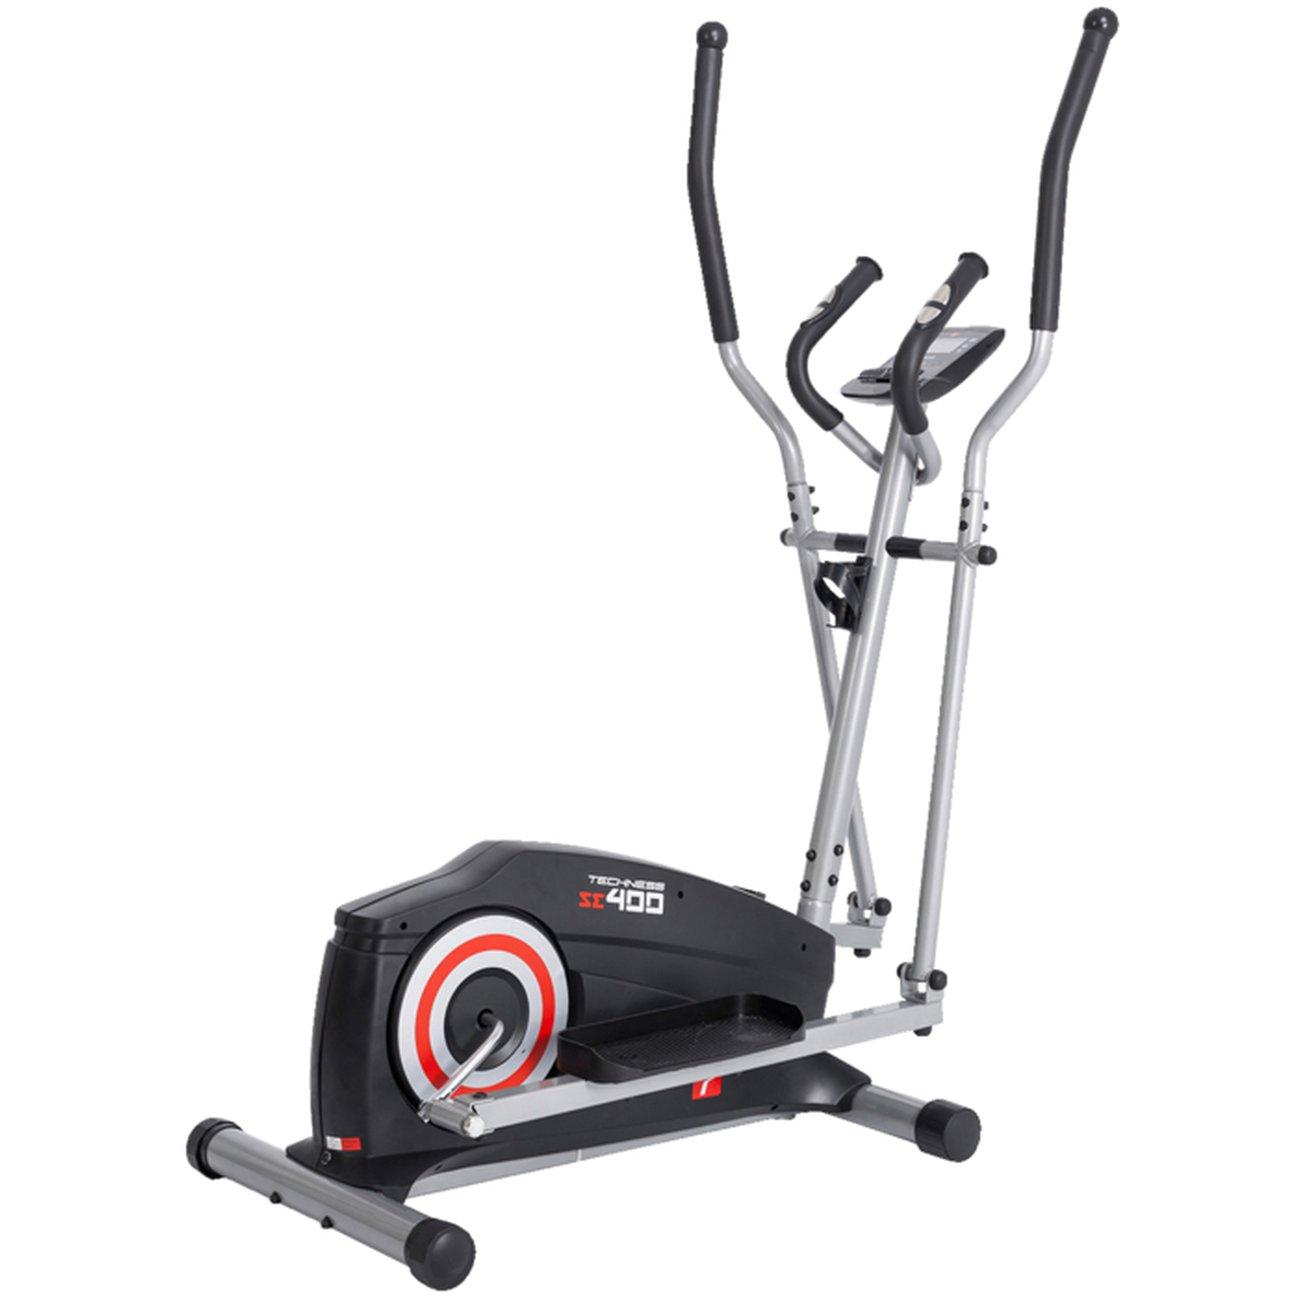 Vélo elliptique Techness SE 400 LTD